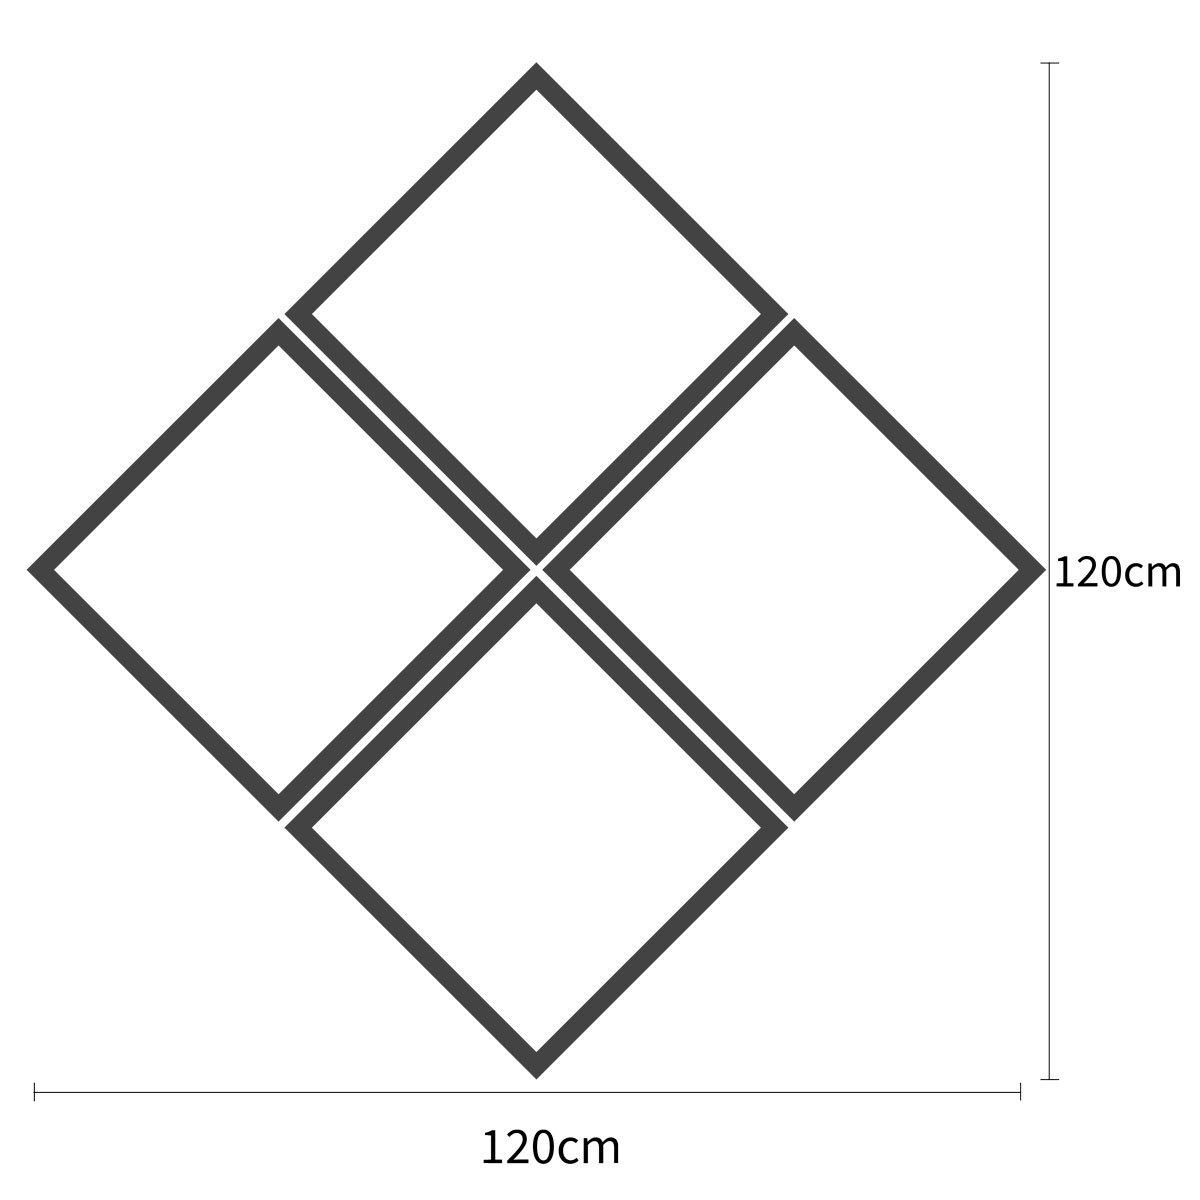 Tamanho personalizável (Largura x Altura): 120x120 cm